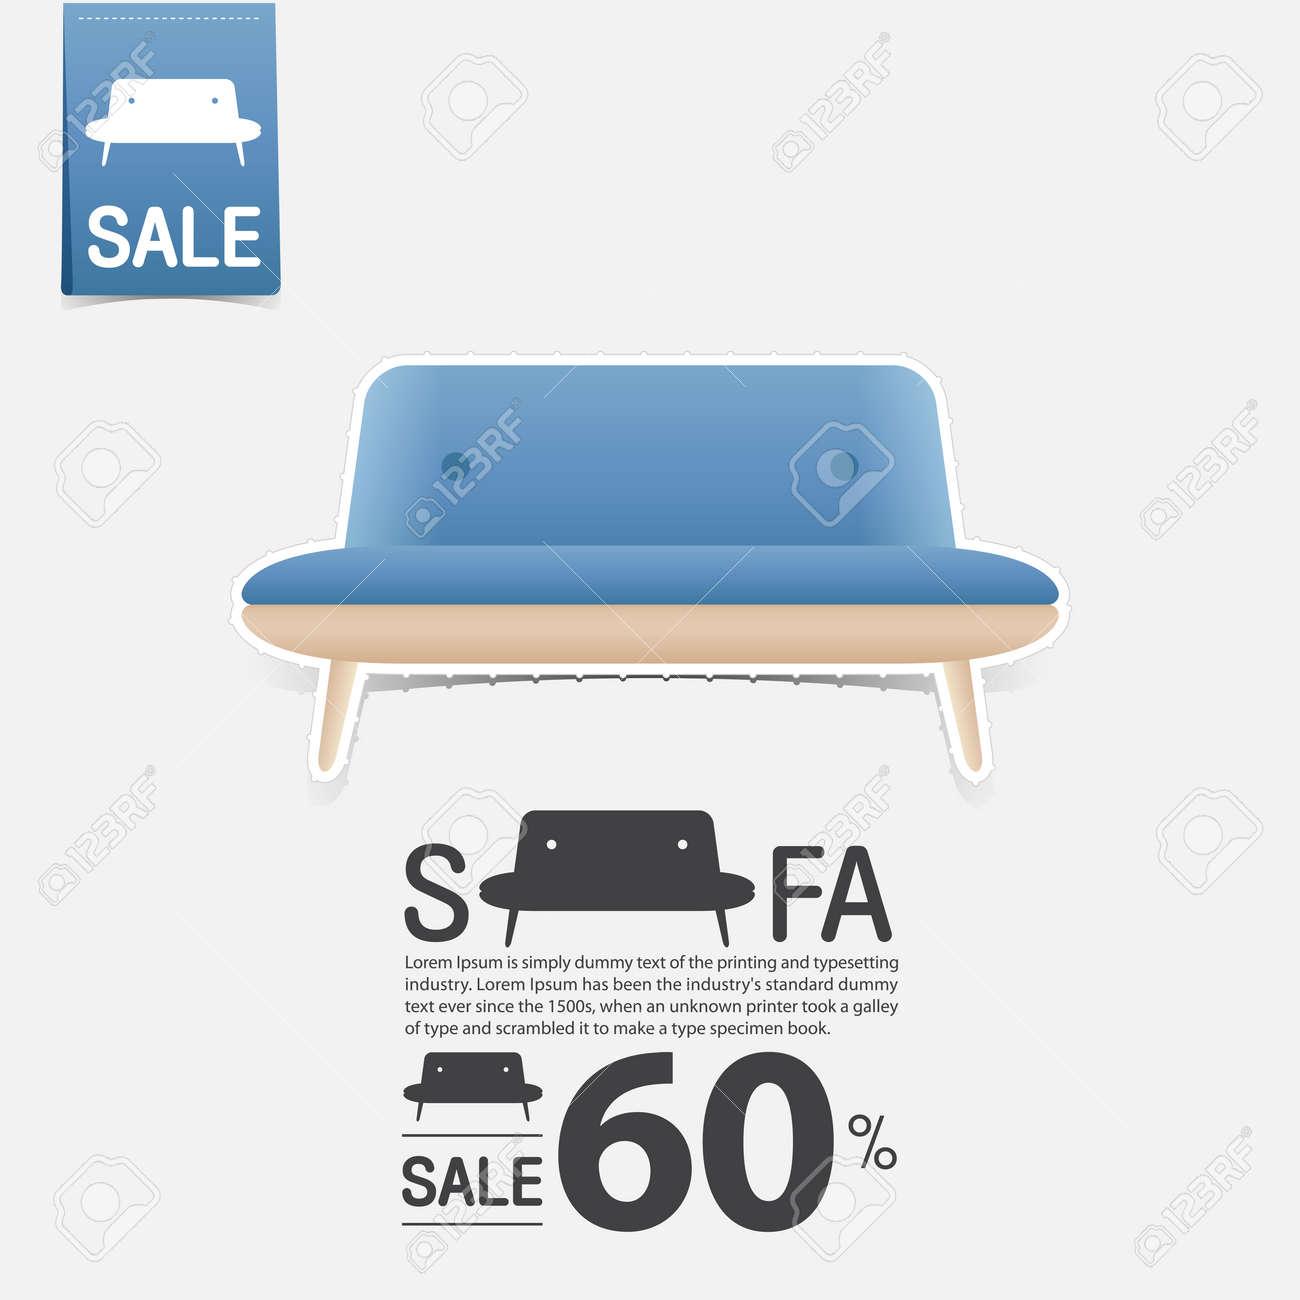 Sofa In Flachem Design Für Wohnzimmer Interieur. Minimal Couch Icon Für  Möbel Verkauf Poster.